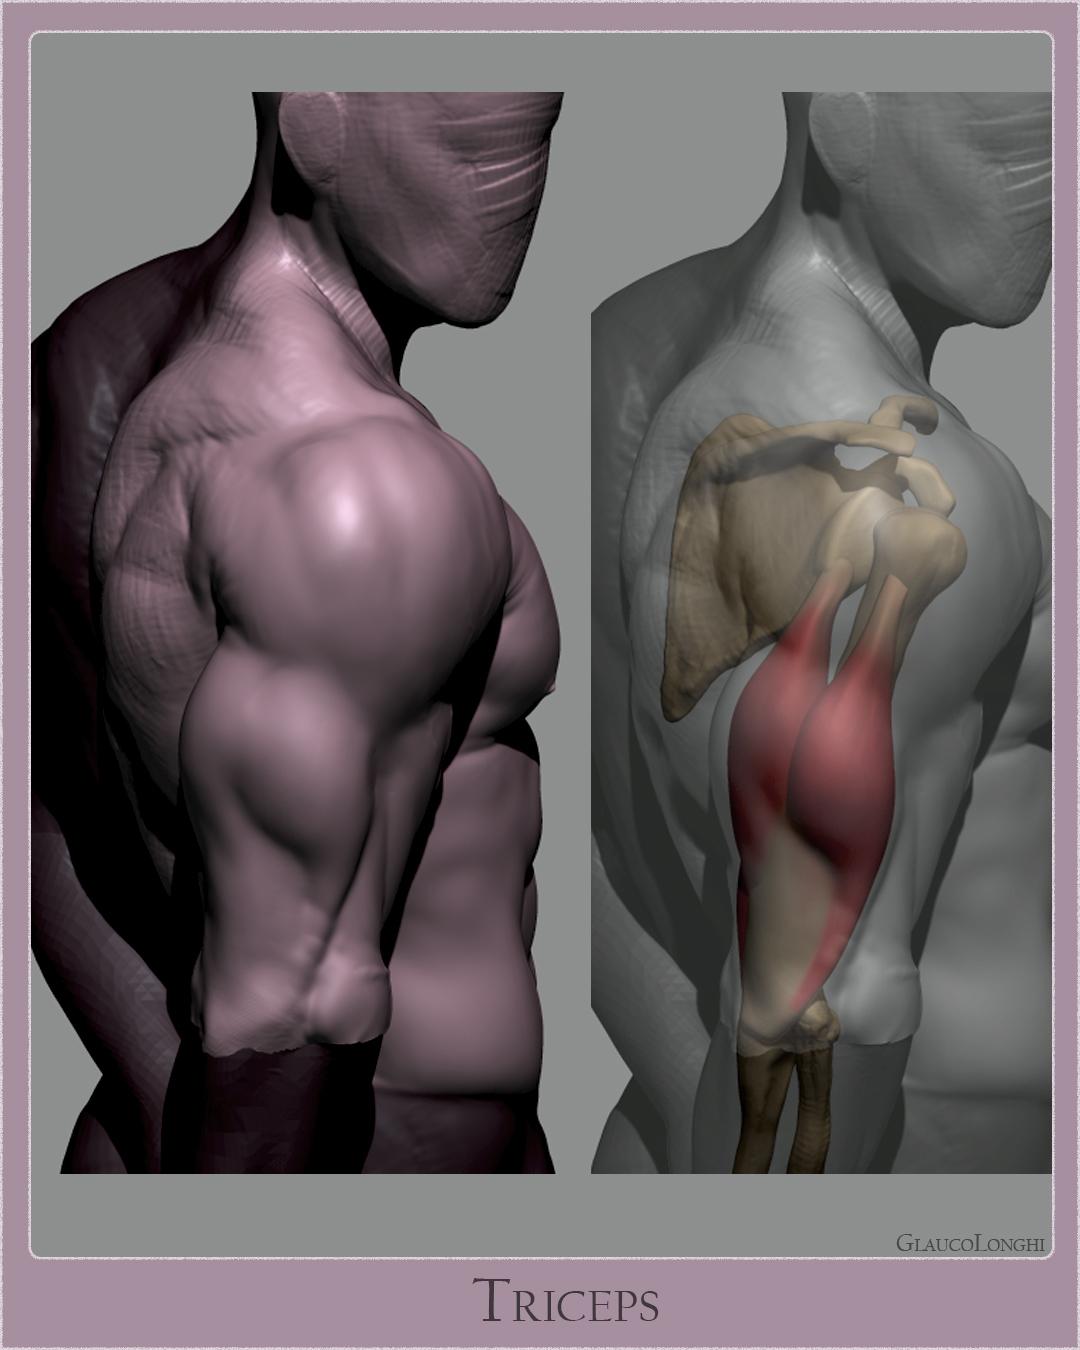 triceps_005.jpg